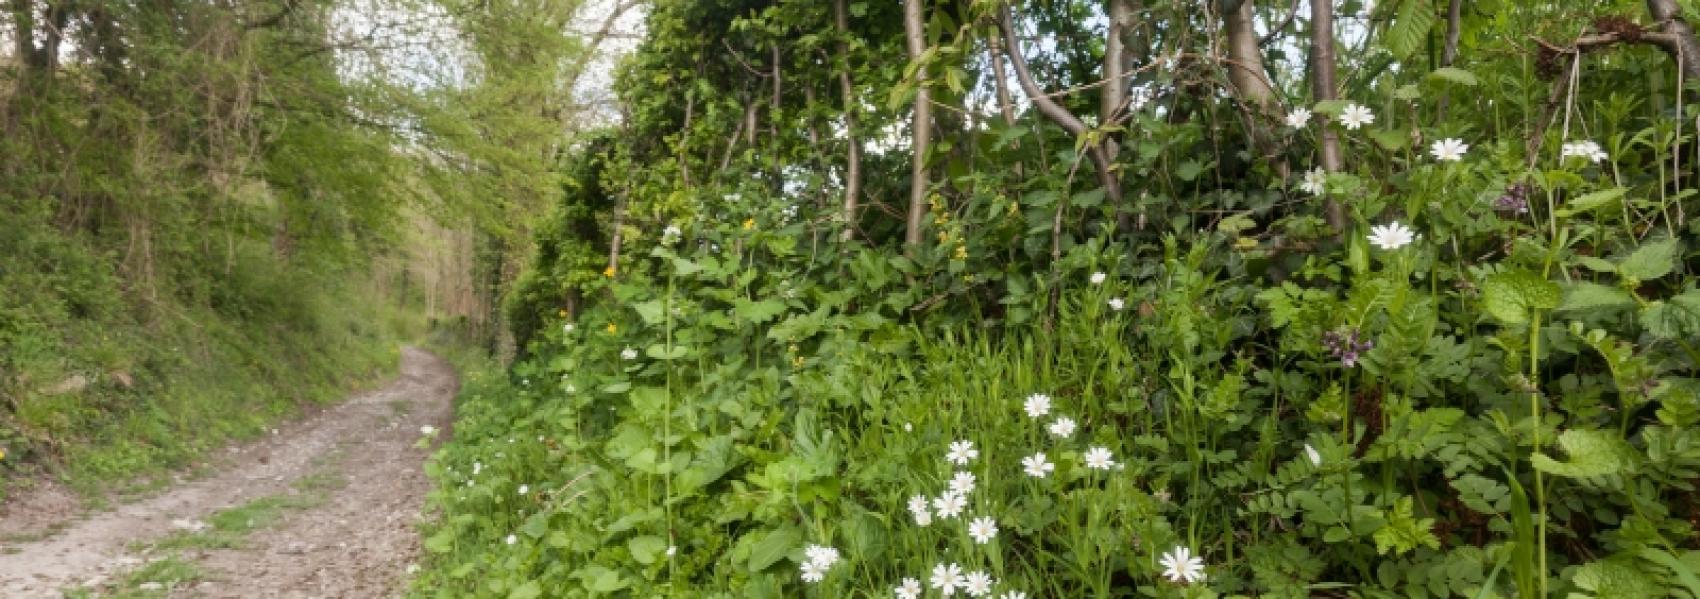 wandelpad langs berm met bloemen